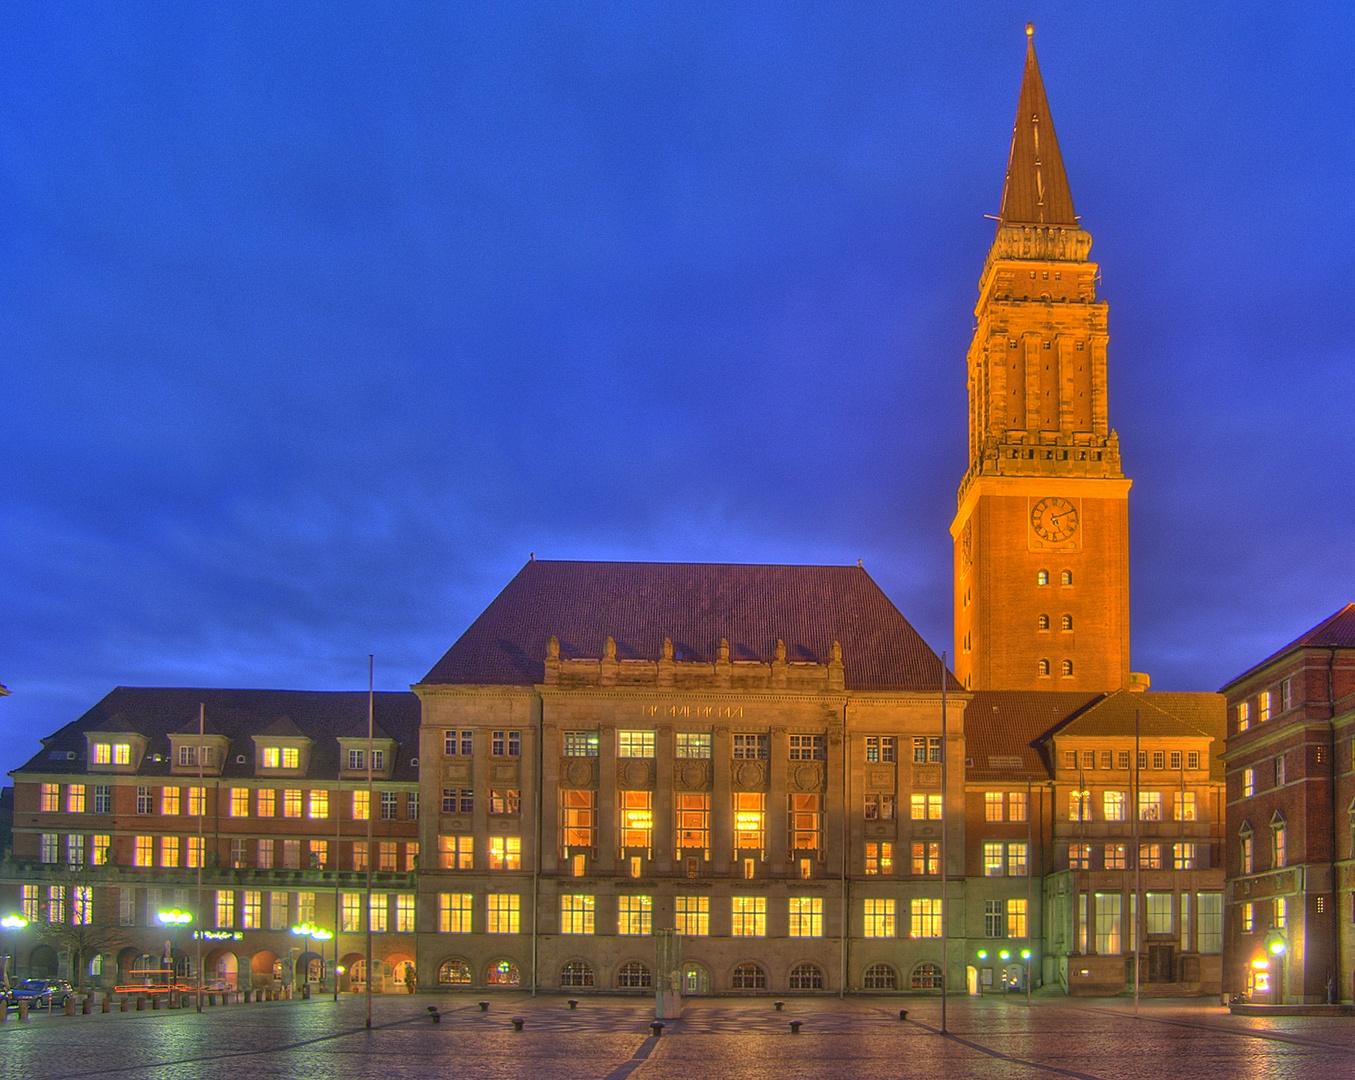 Kieler rathaus in hdr foto bild architektur architektur bei nacht hdr bilder auf fotocommunity - Architektur kiel ...